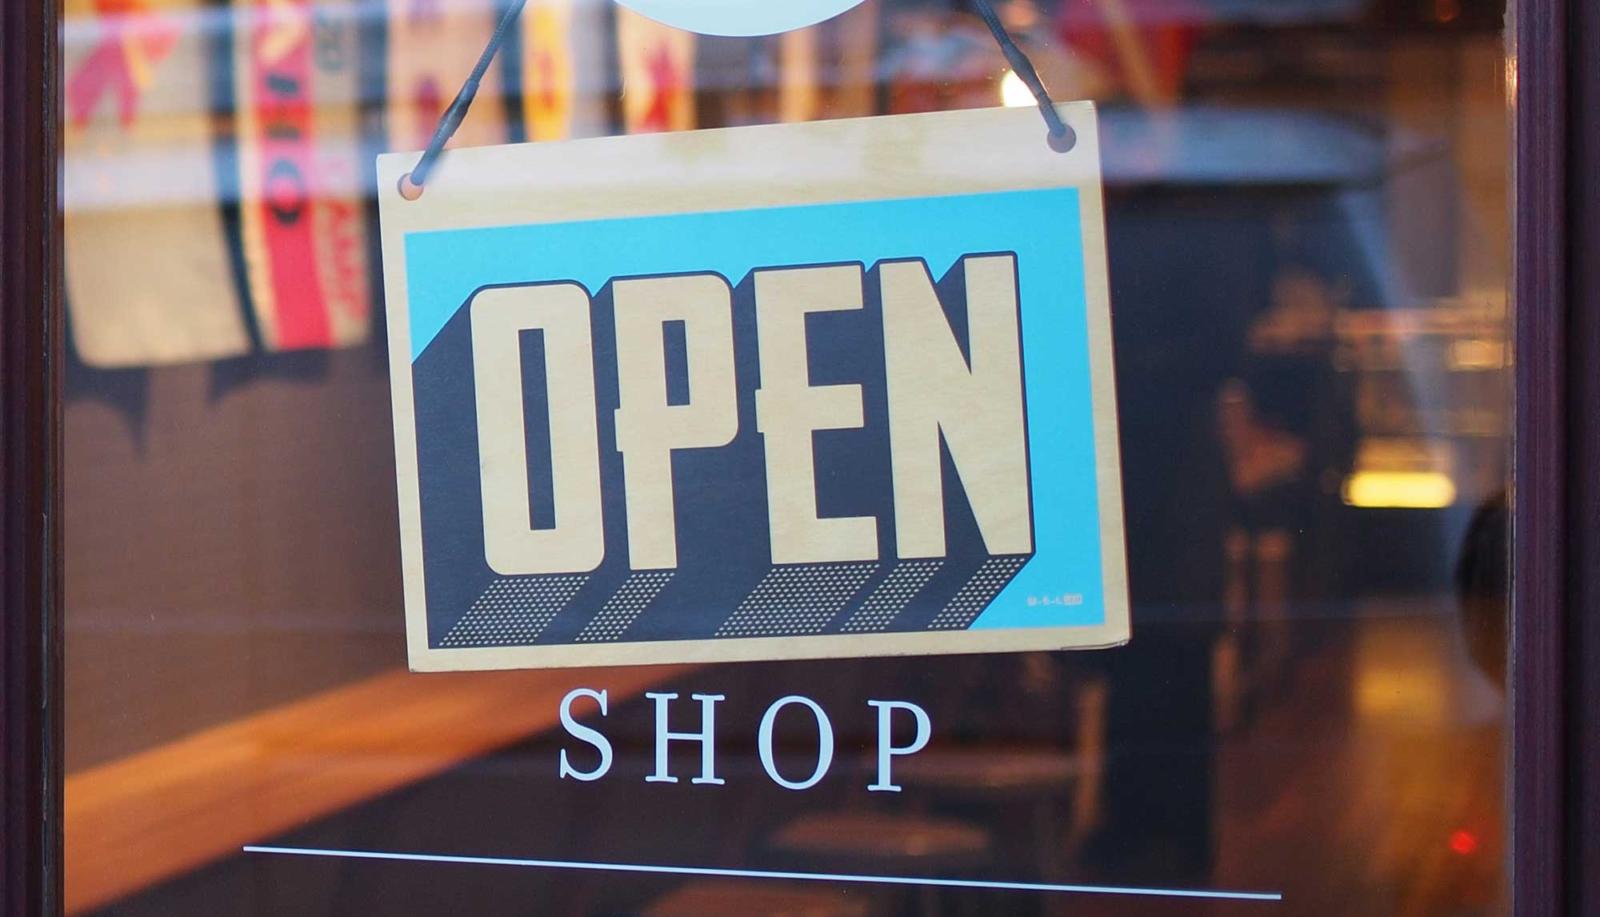 Open sign in shop door